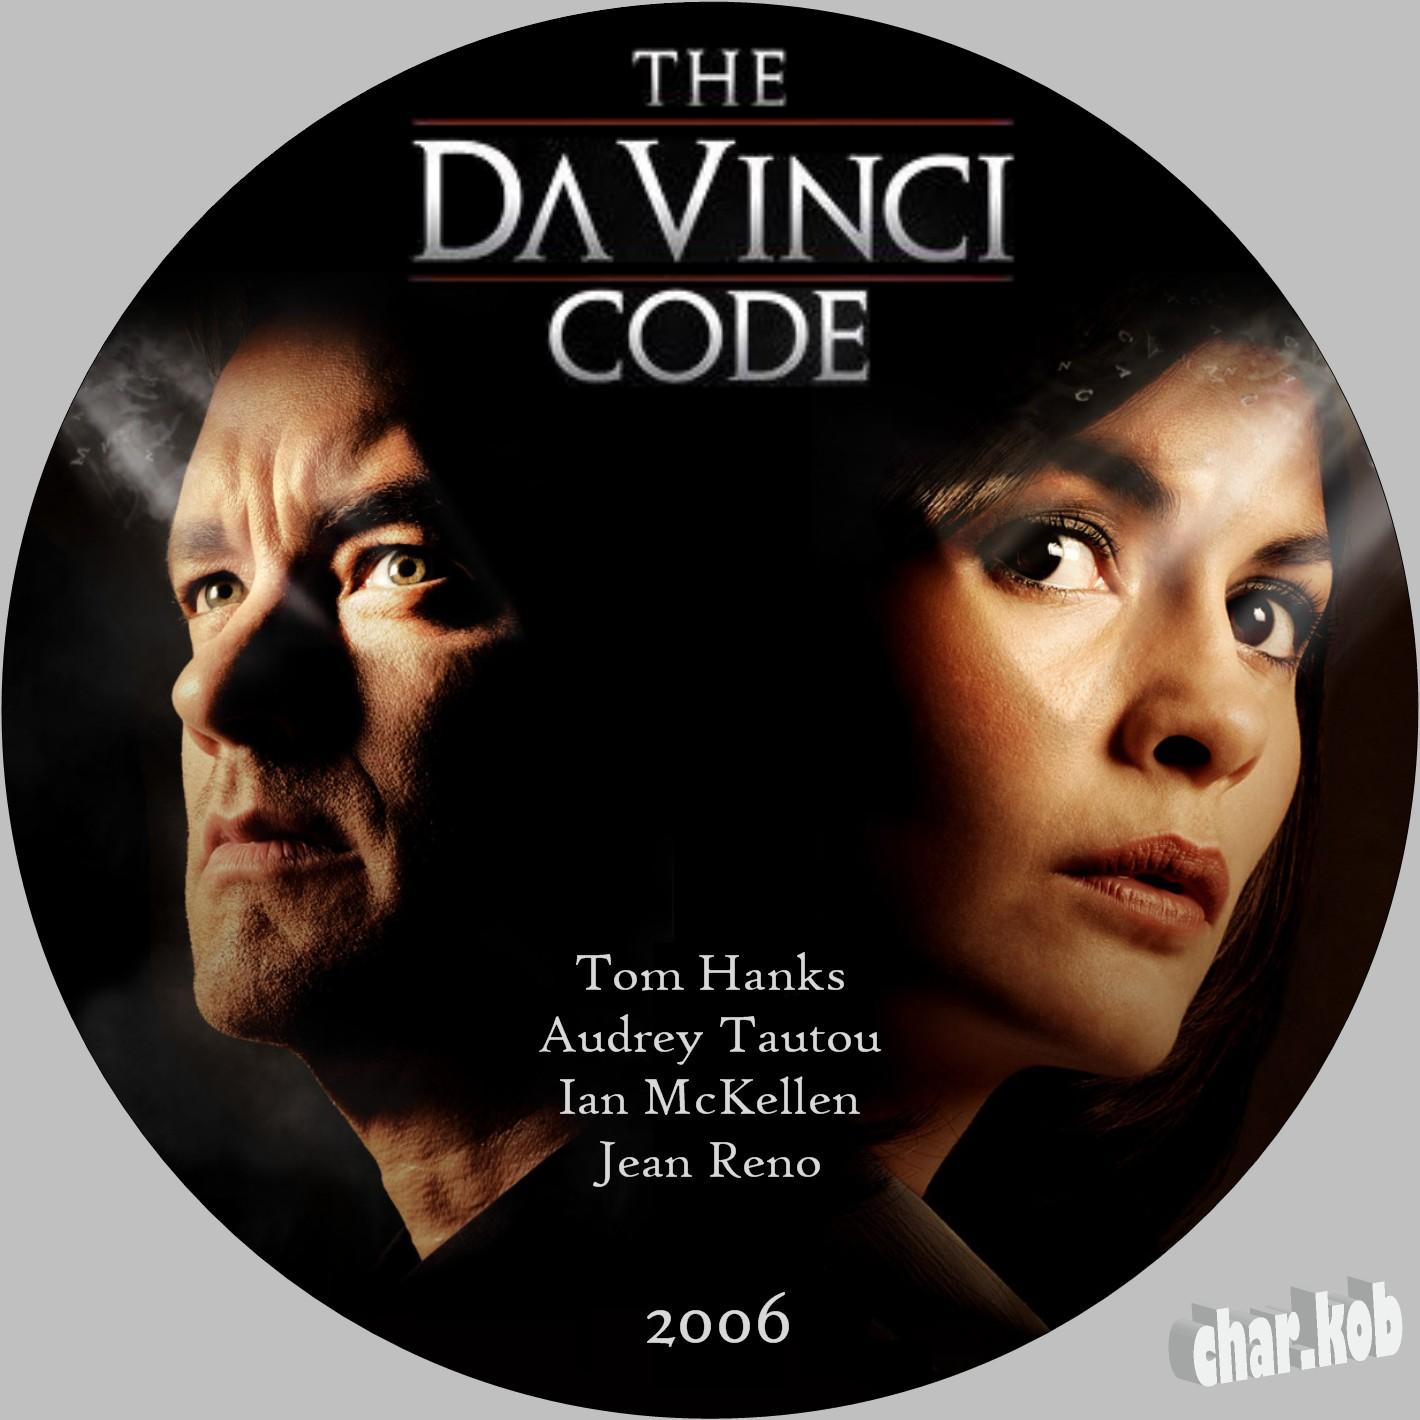 Davinci code movie hanks